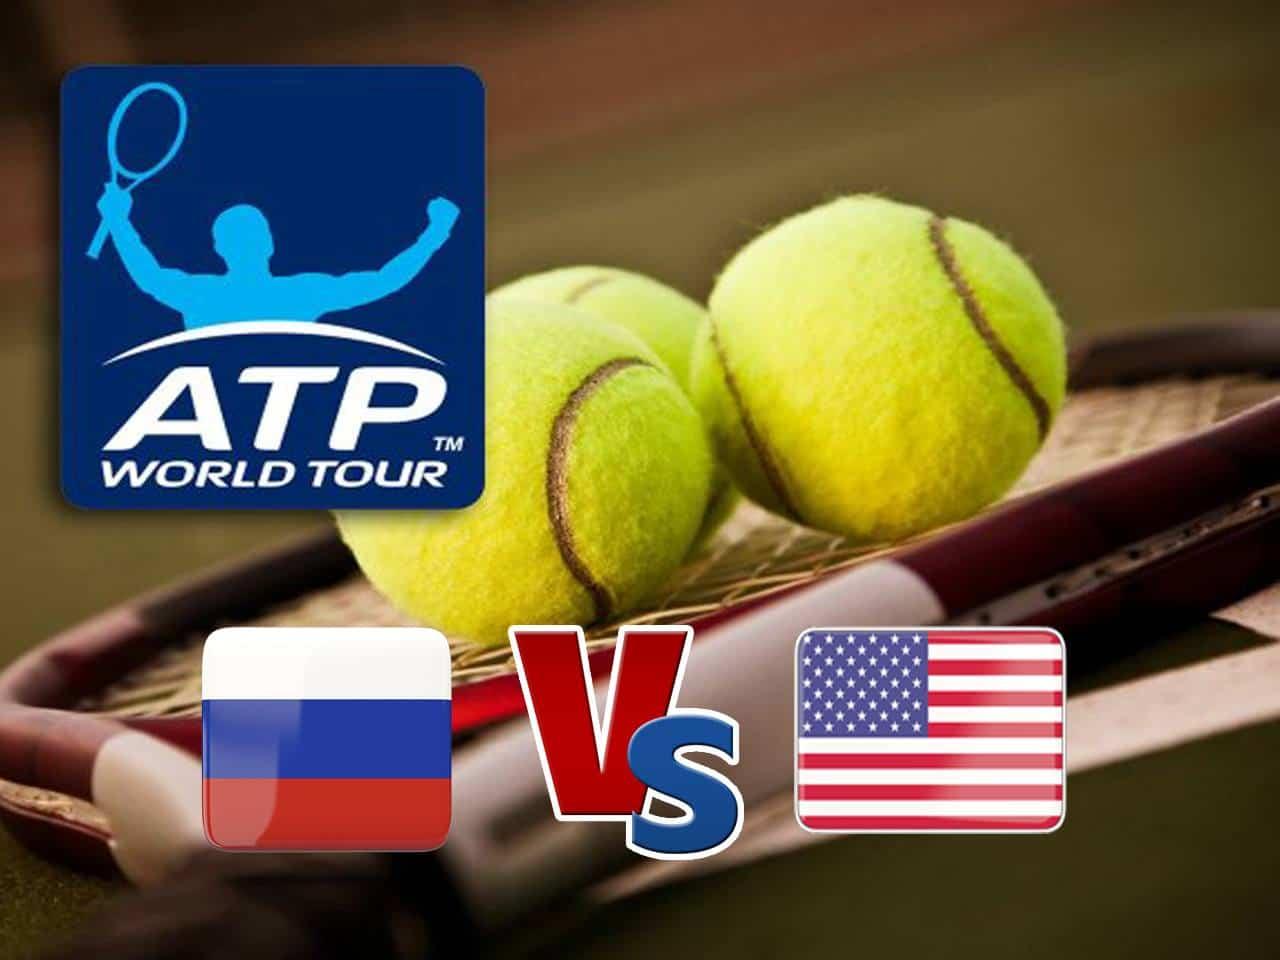 Теннис Кубок АТР Россия США Трансляция из Австралии Прямая трансляция в 12:30 на канале